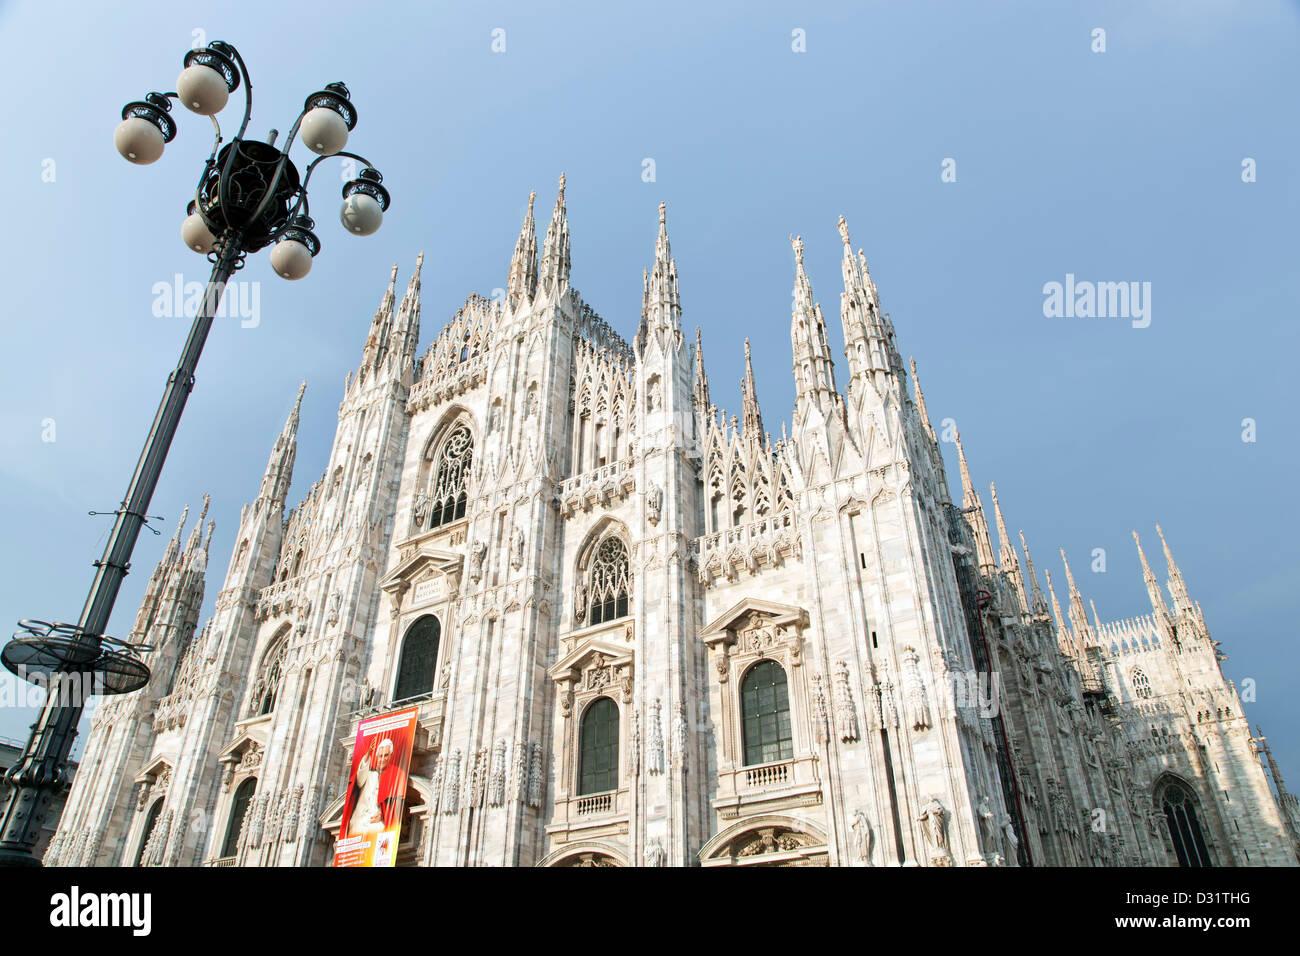 Milan Cathedral (Duomo di Milano), Duomo Square, Milan, Italy - Stock Image